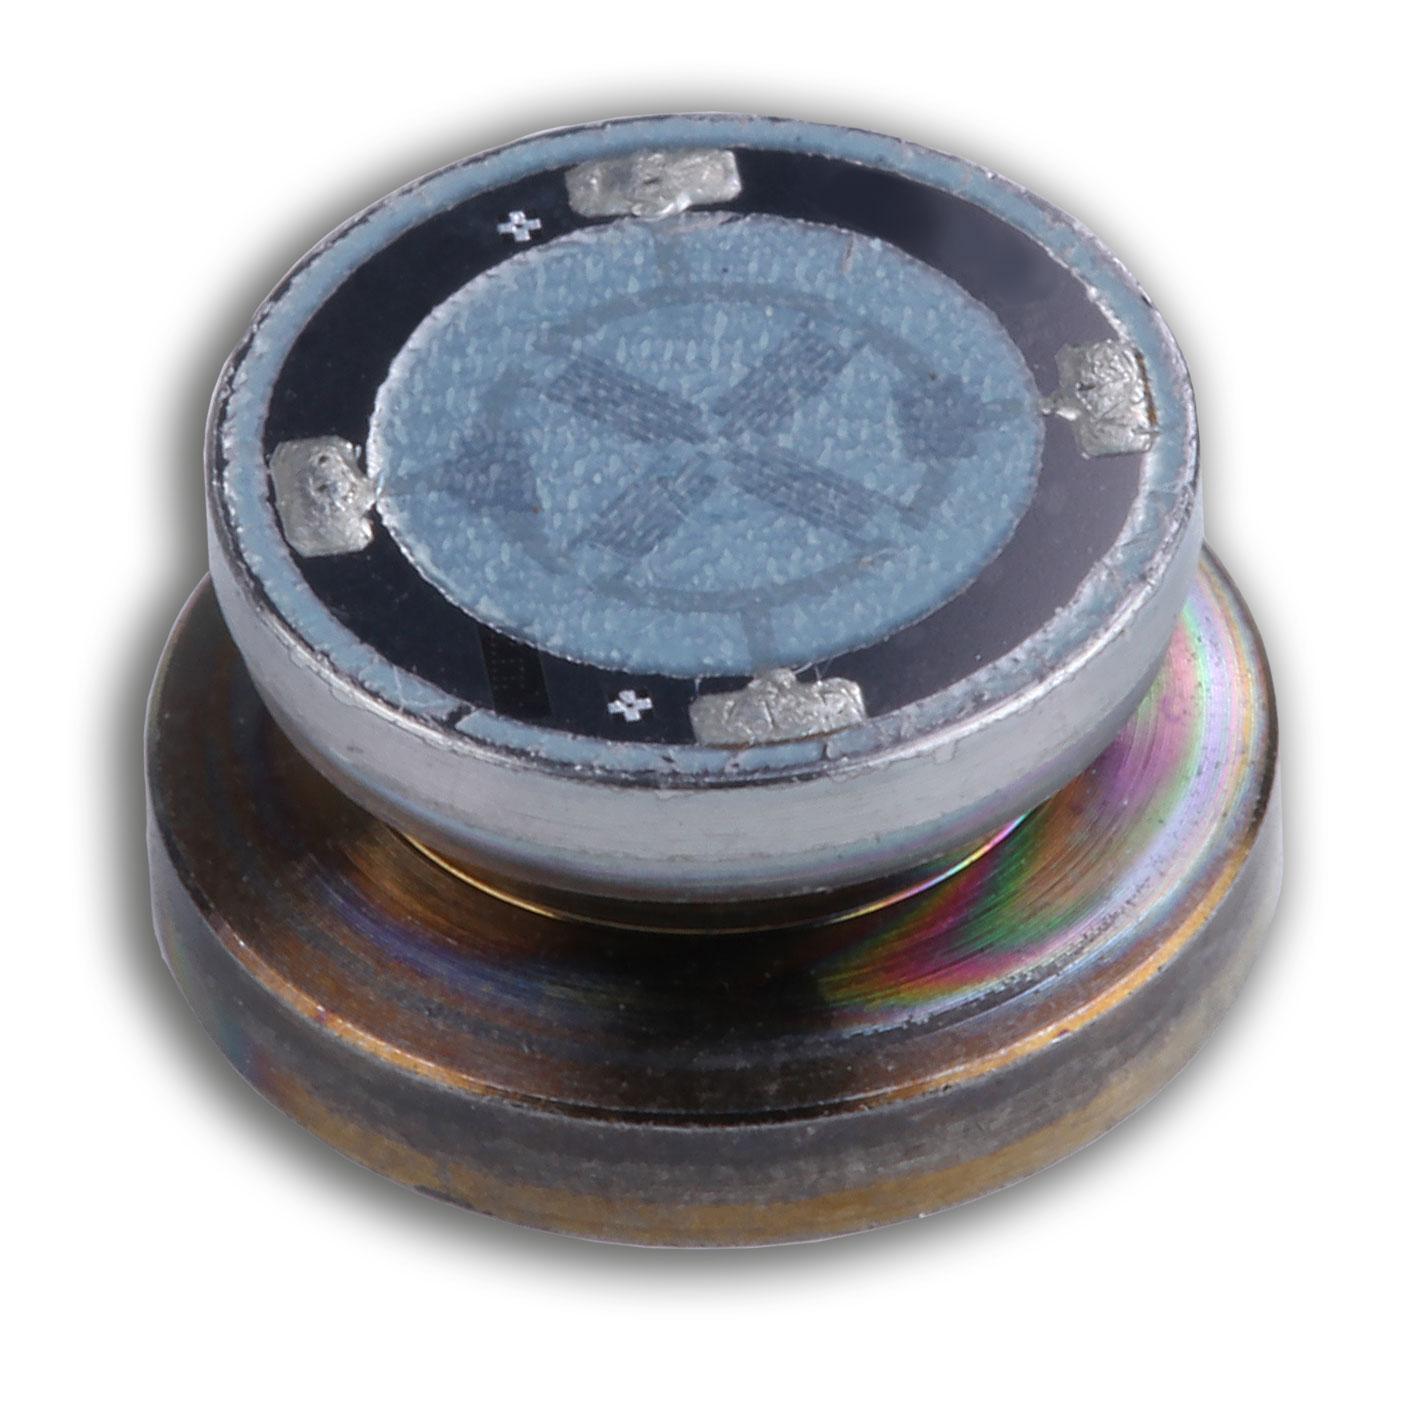 Töpfchen mit aufgeschweißtem Sensor in Dünnschichttechnologie